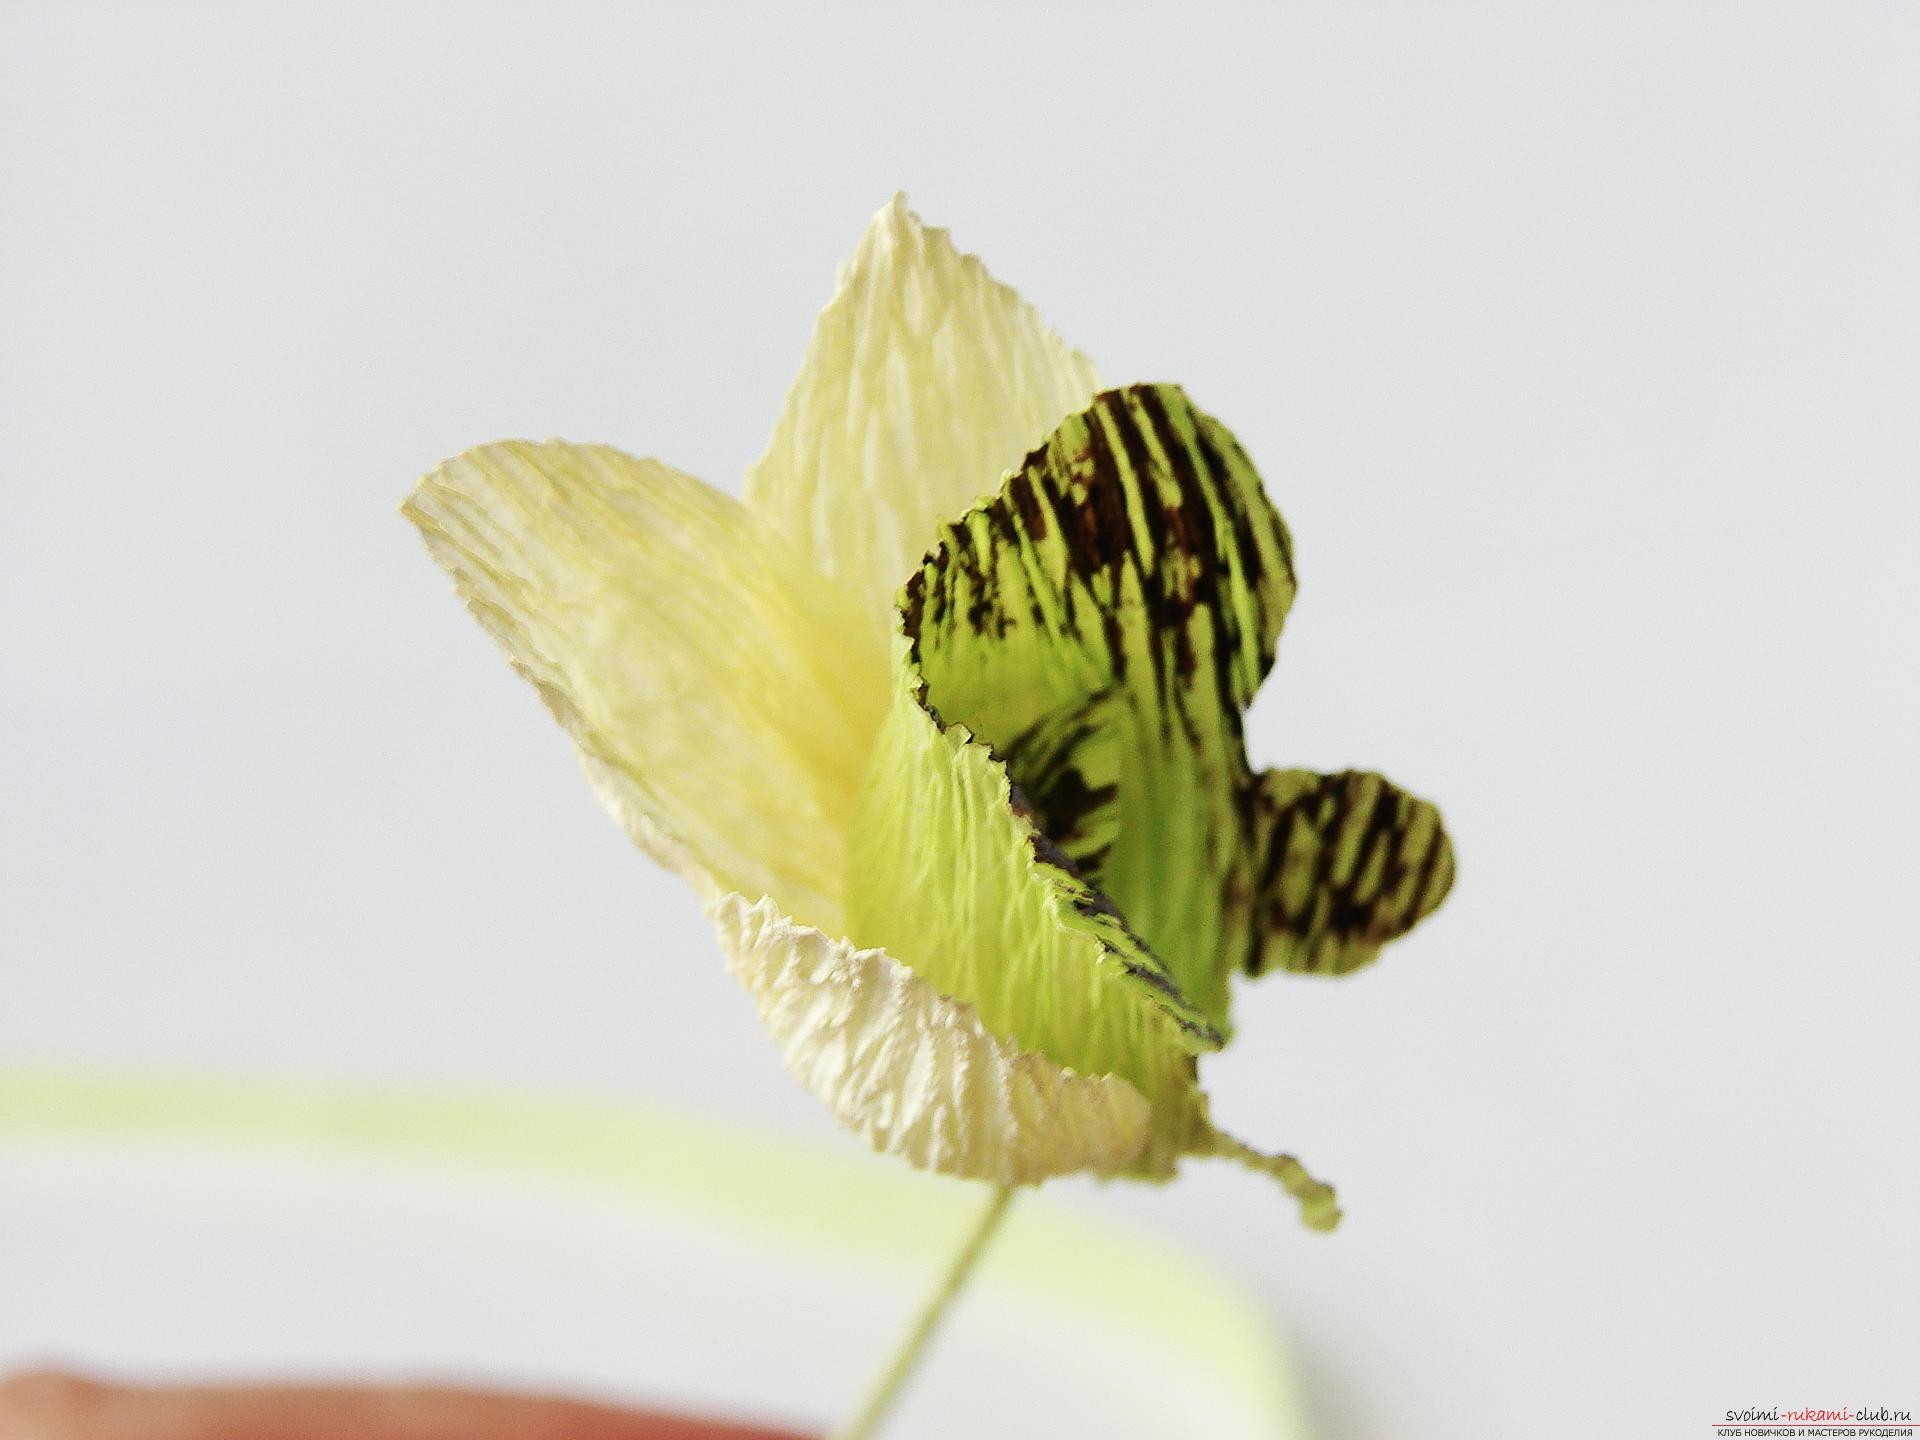 Этот мастер-класс расскажет как сделать своими руками из гофрированной бумаги прекрасную орхидею